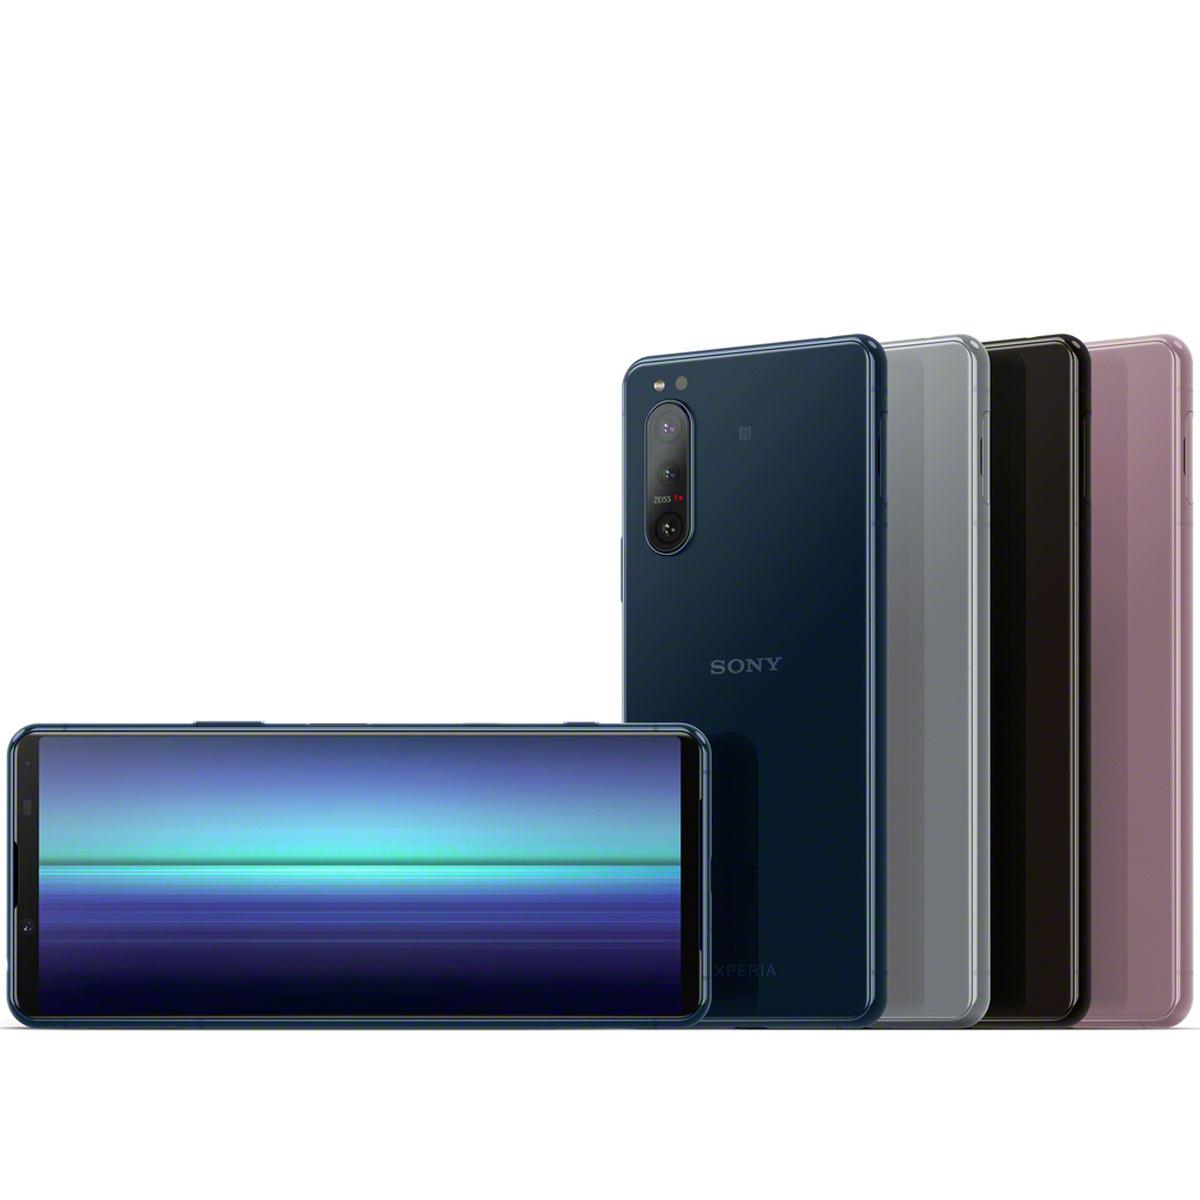 ソニーモバイルが、各種スペックアップした5Gスマホ「Xperia 5 II」を発表!今秋以降発売予定